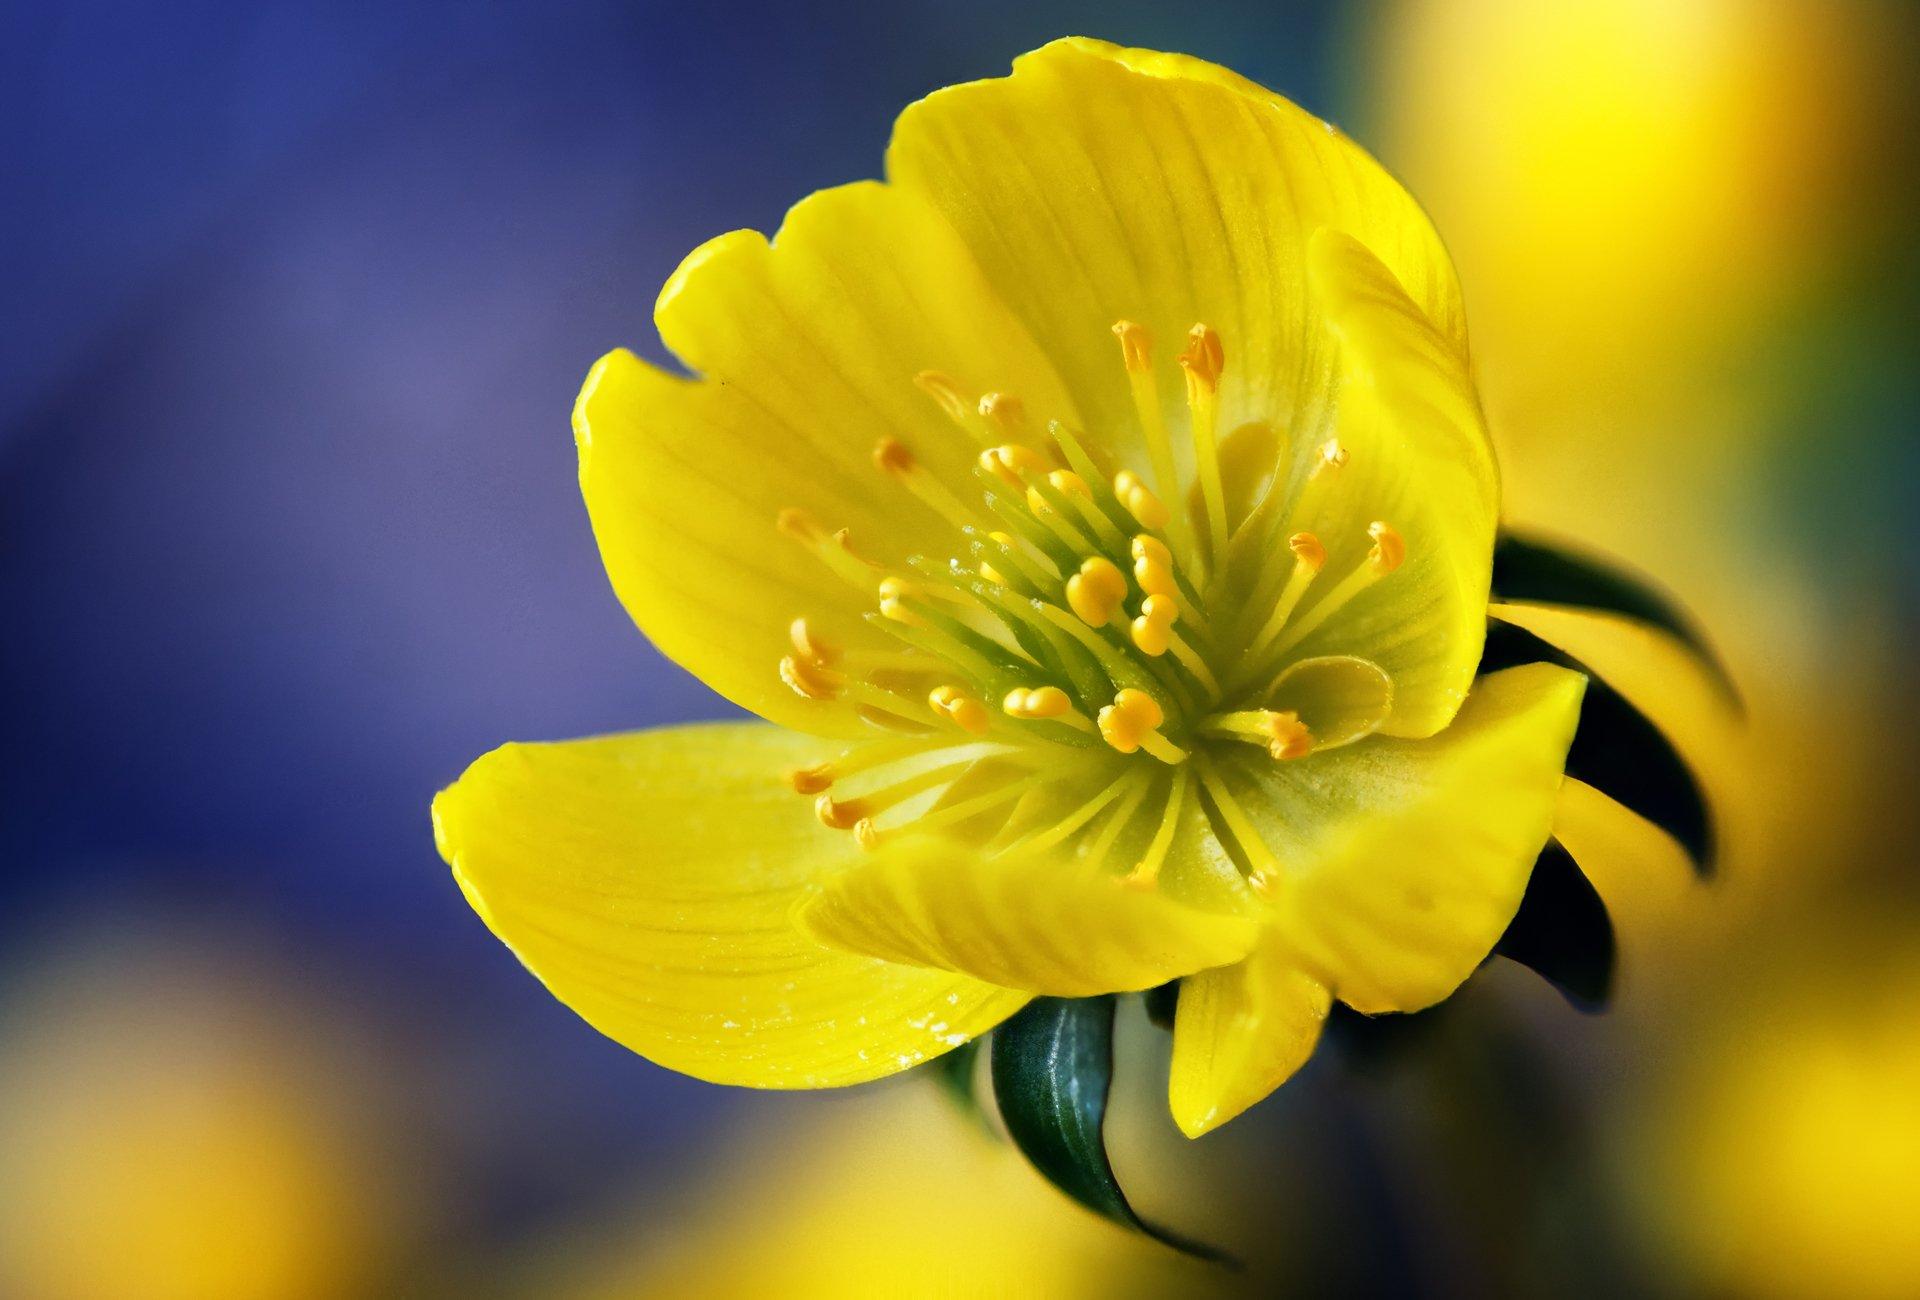 Желтый распустившийся цветок  № 731751 загрузить